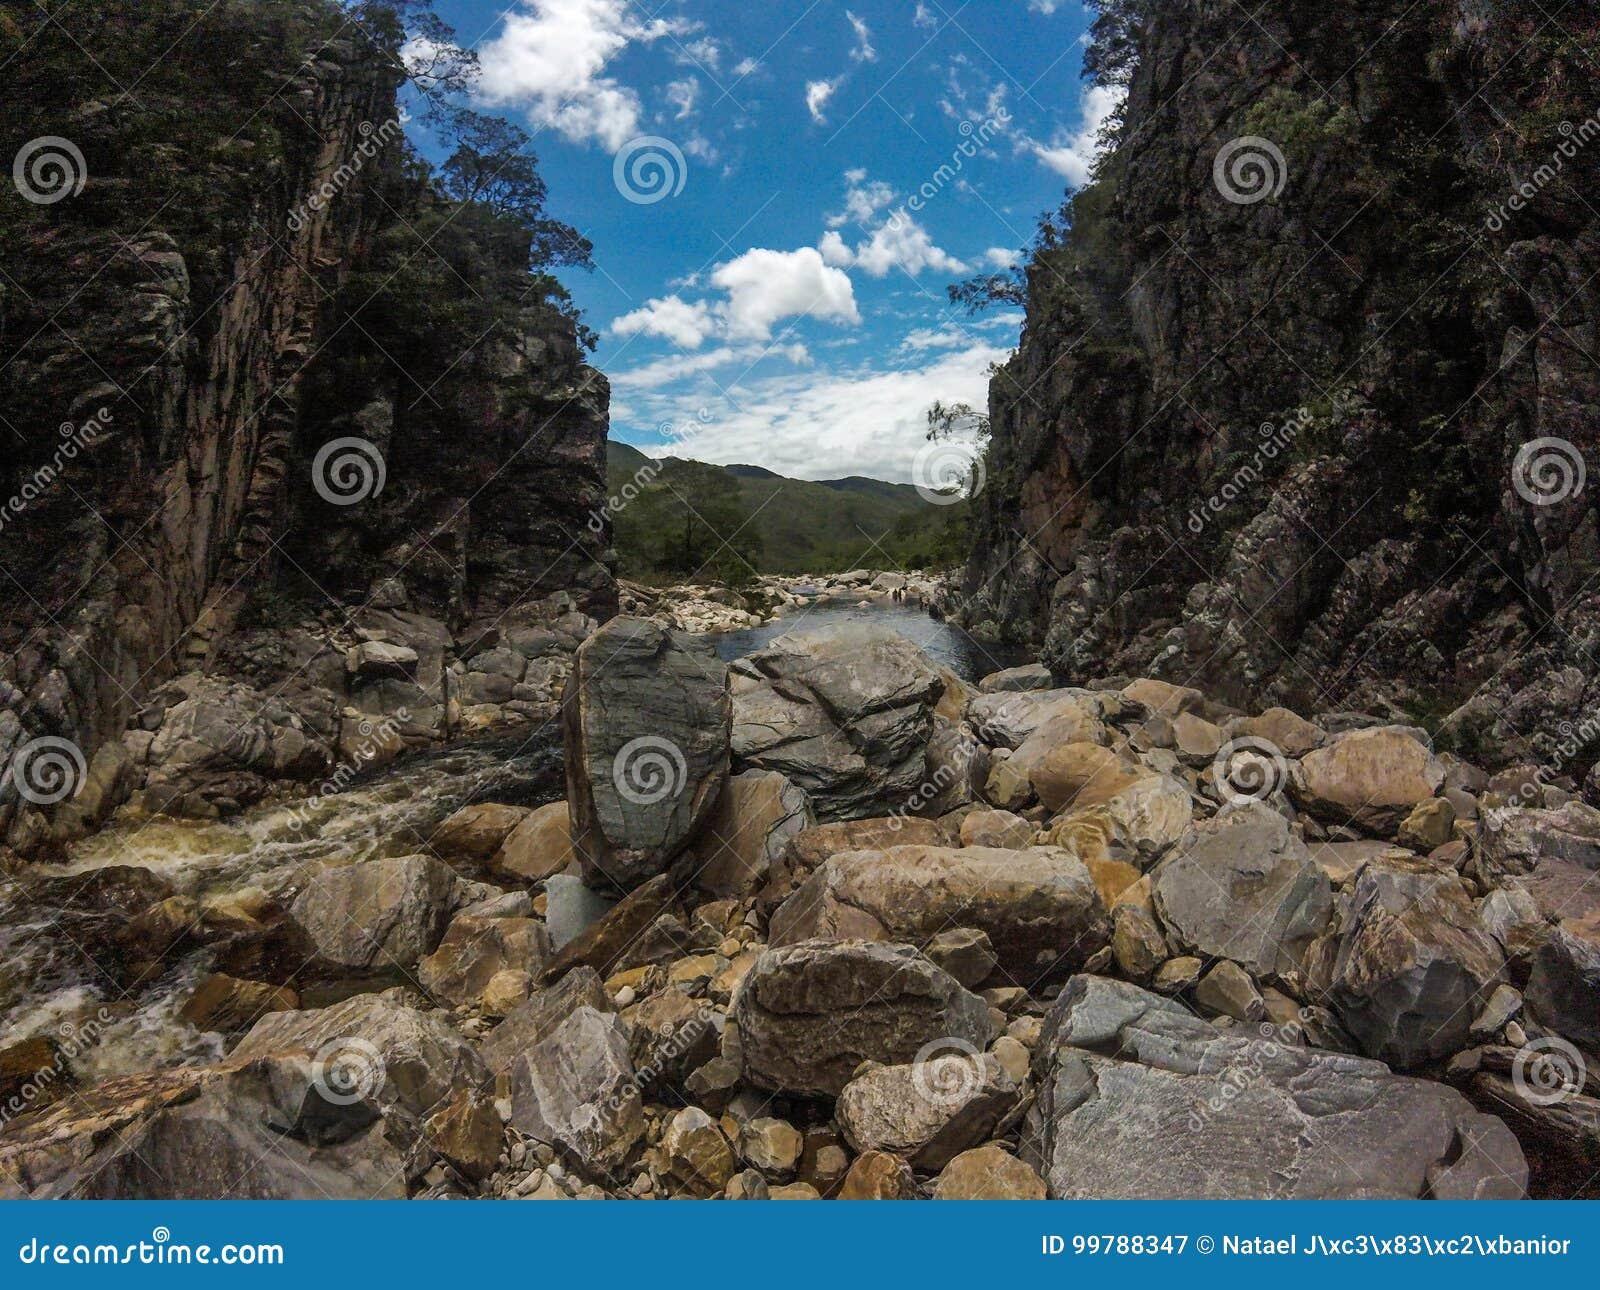 Bandeirinhas峡谷